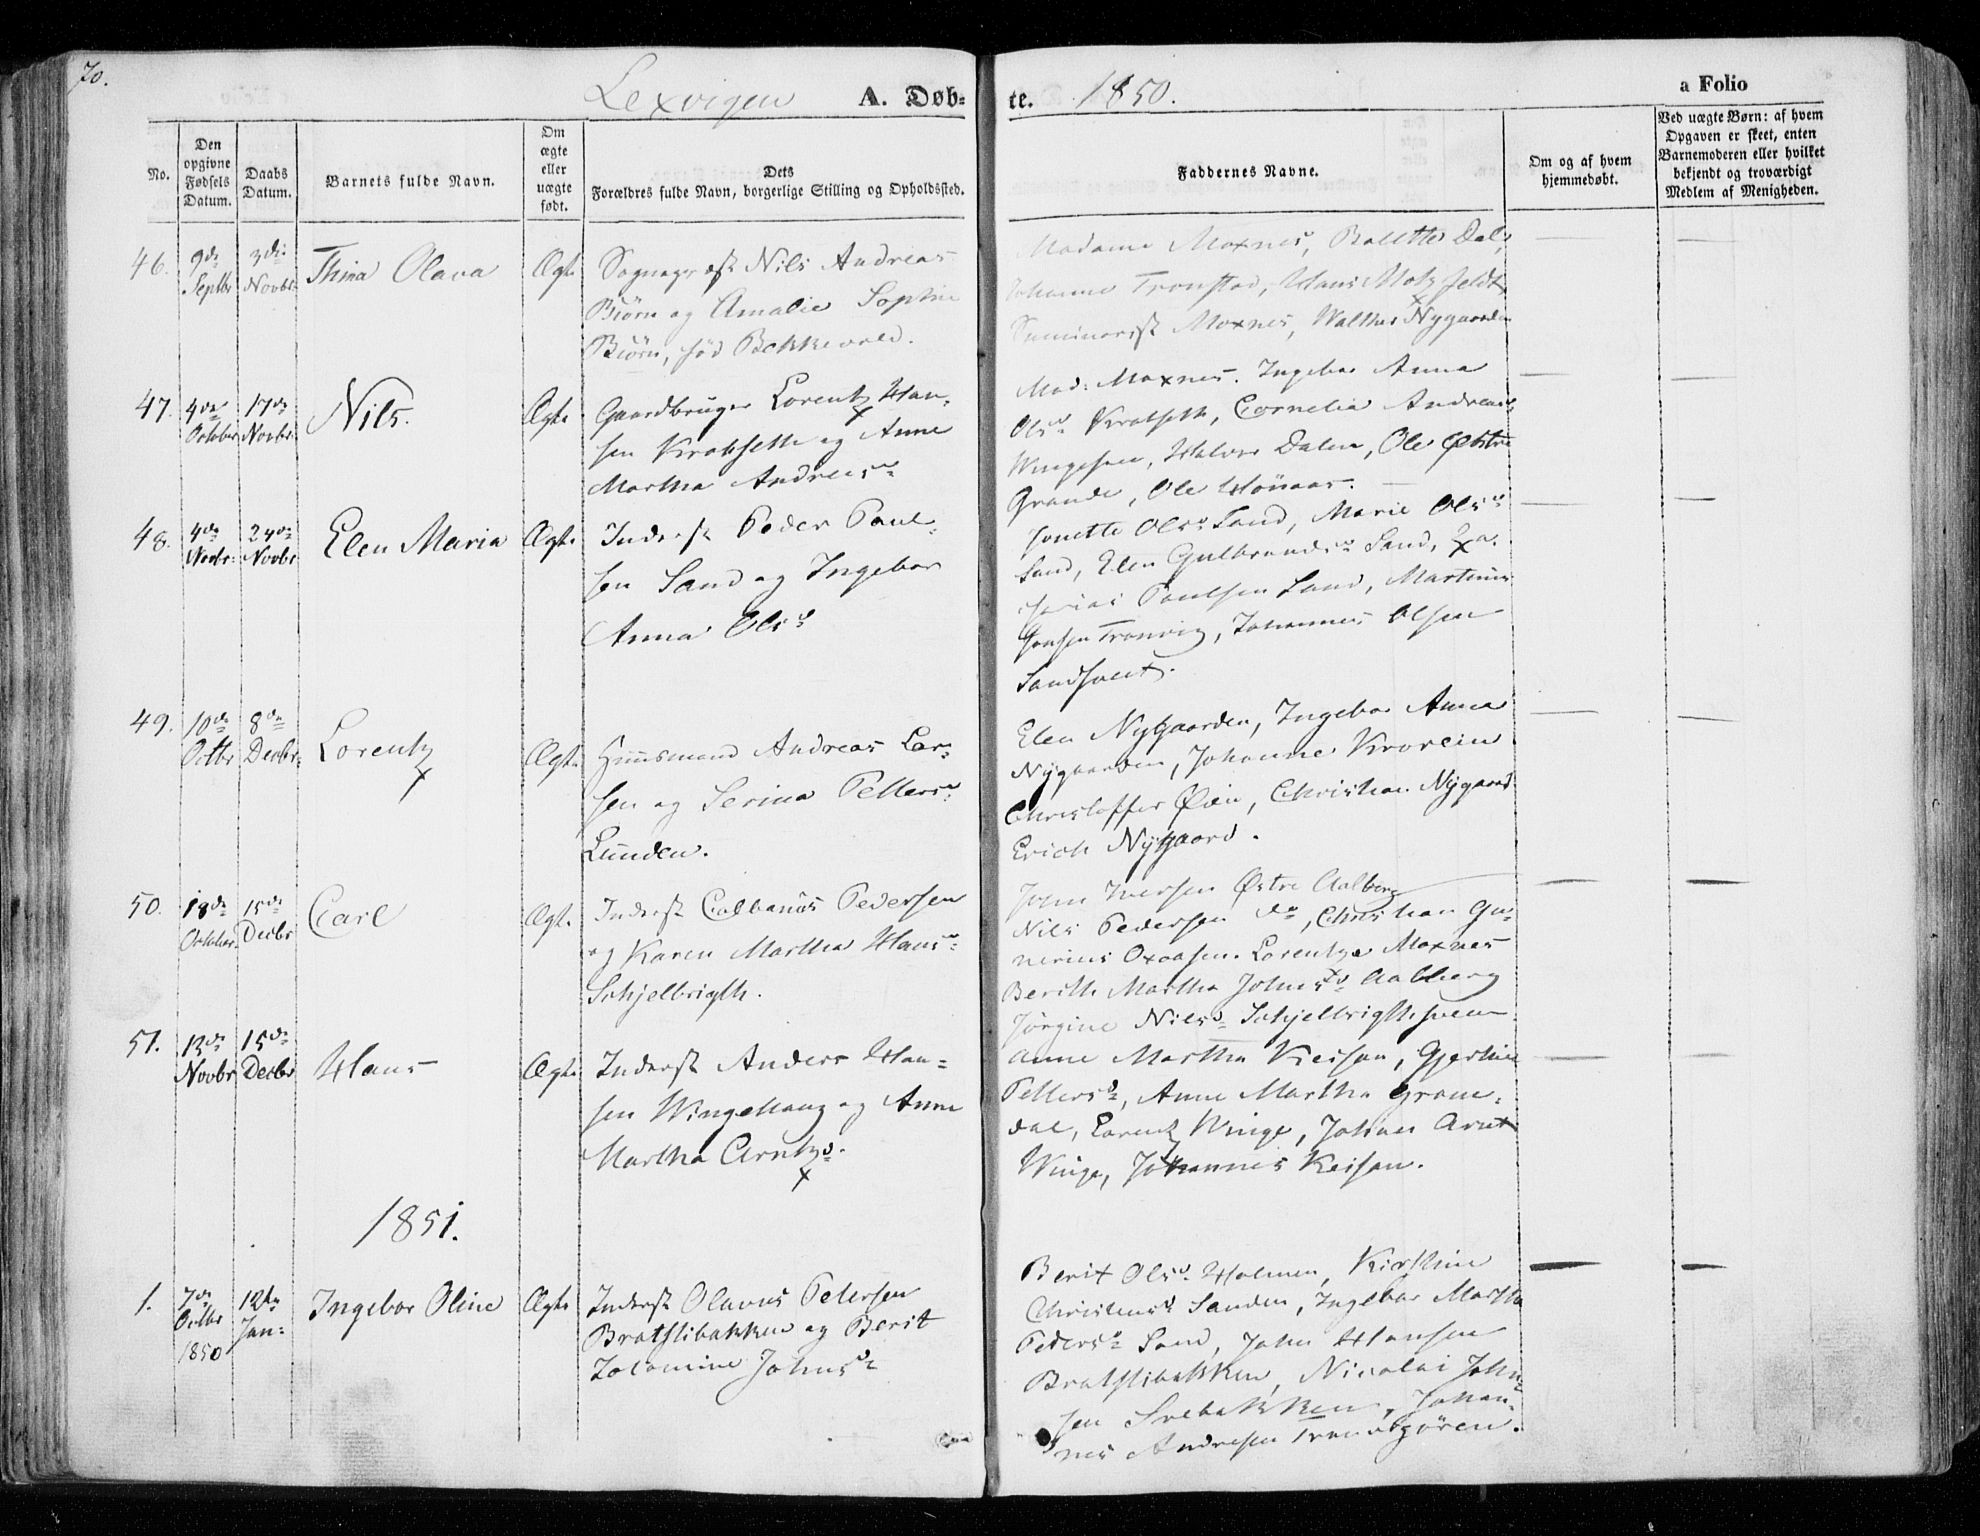 SAT, Ministerialprotokoller, klokkerbøker og fødselsregistre - Nord-Trøndelag, 701/L0007: Ministerialbok nr. 701A07 /1, 1842-1854, s. 70